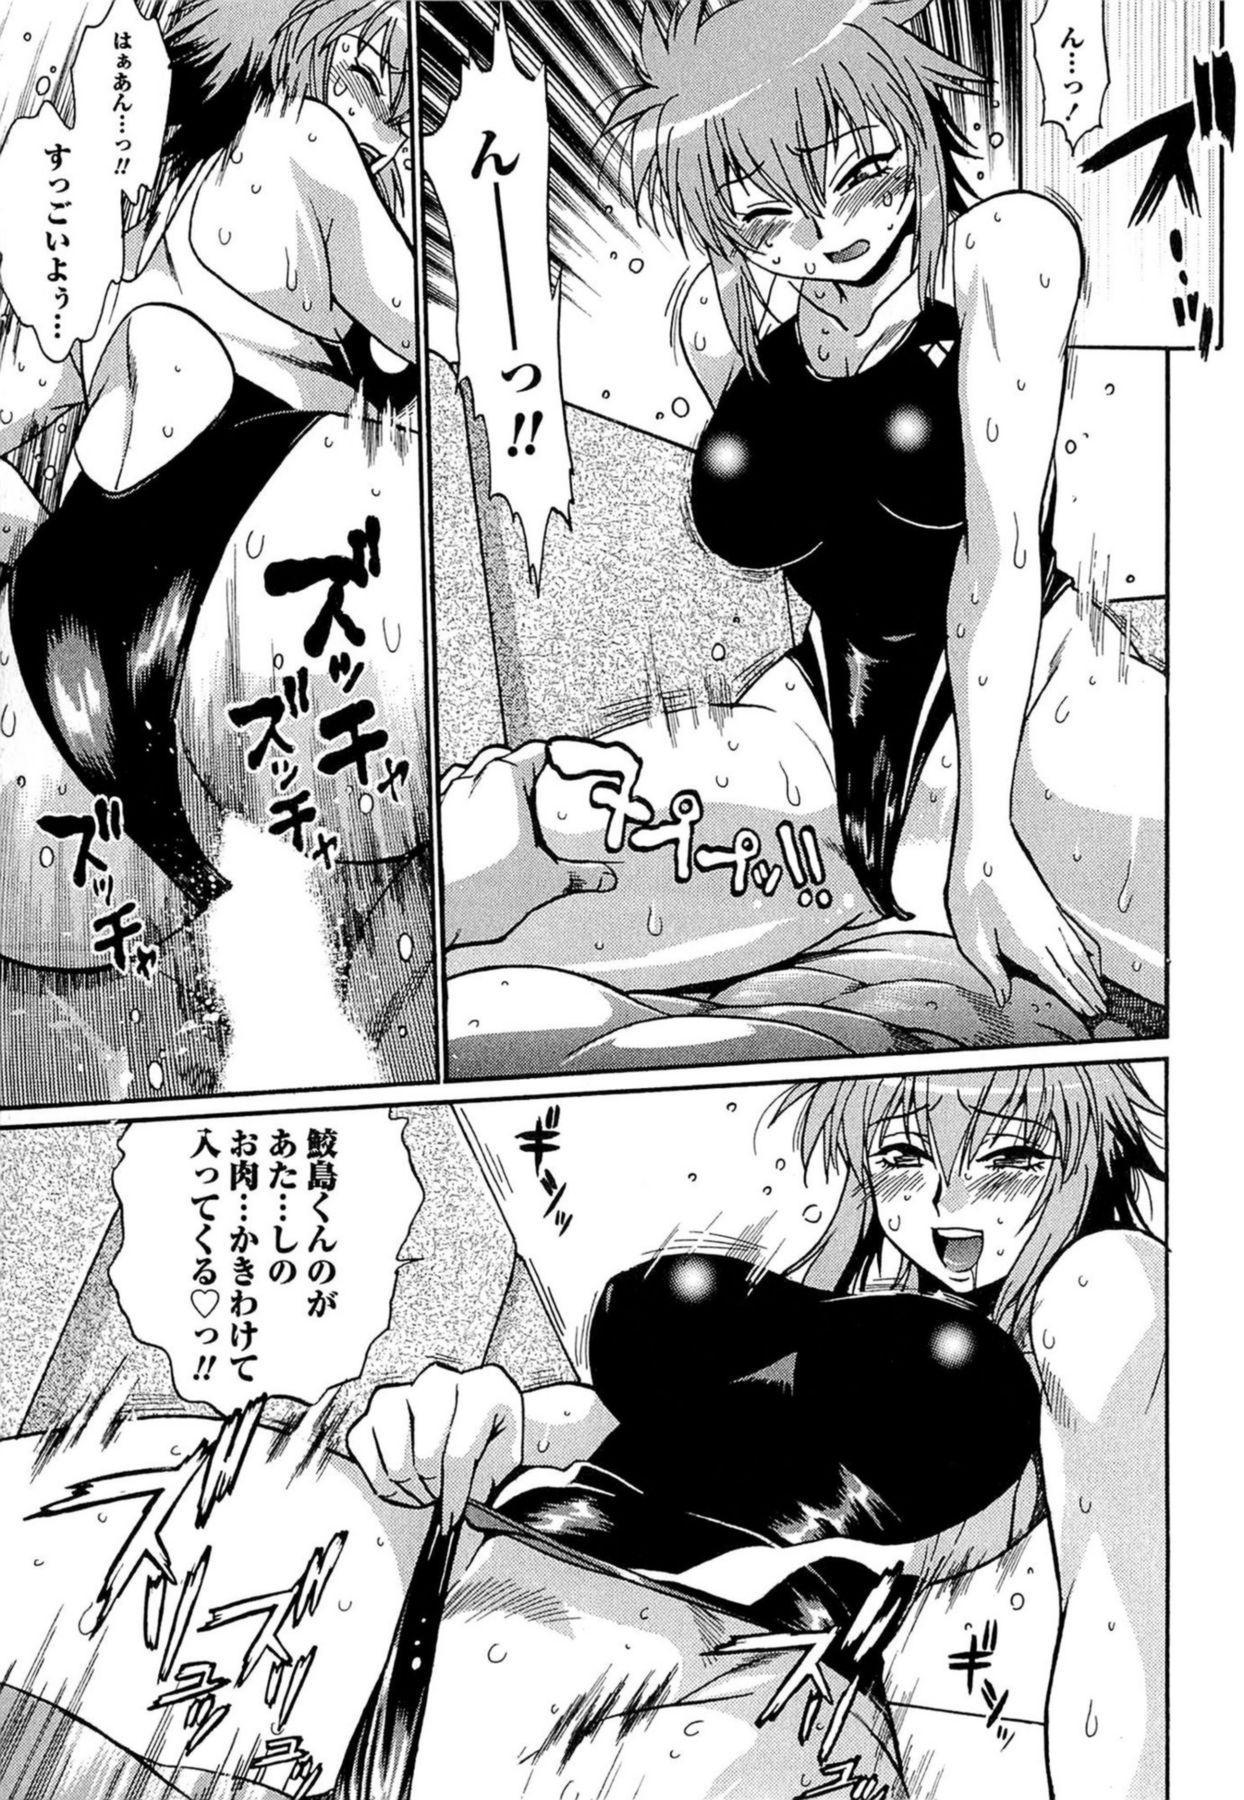 Kuikomi wo Naoshiteru Hima wa Nai! Vol. 1 45